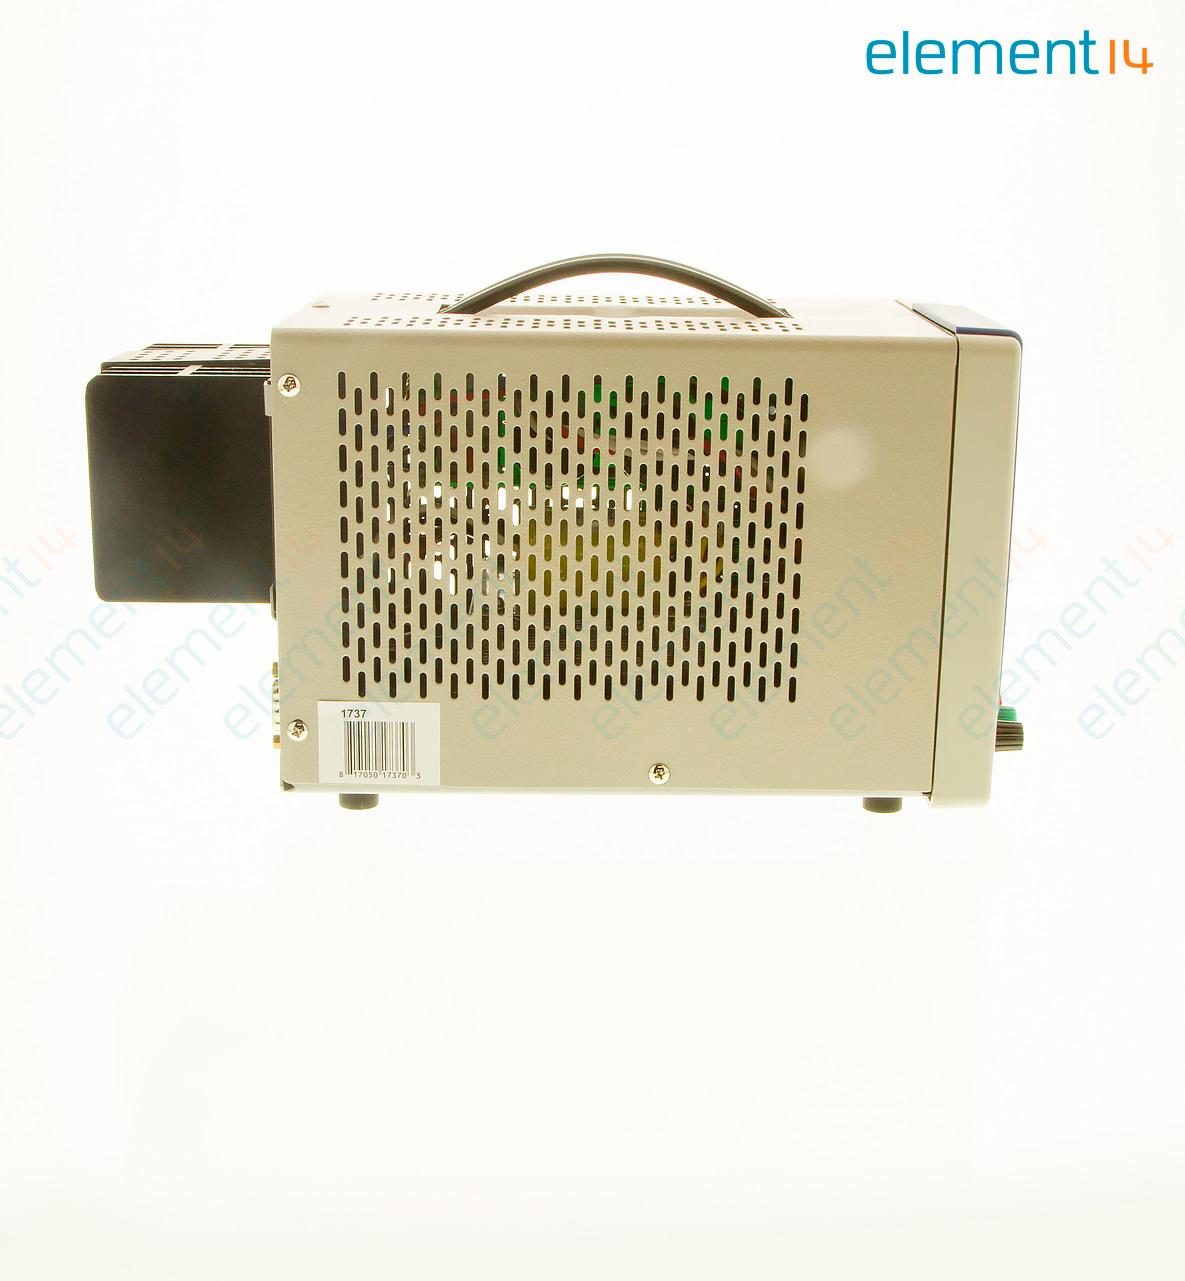 1737 Bk Precision Bench Power Supply Single Adjustable 0 30v0 2a Voltage And Current Regulator 1 Output V 60 A 3